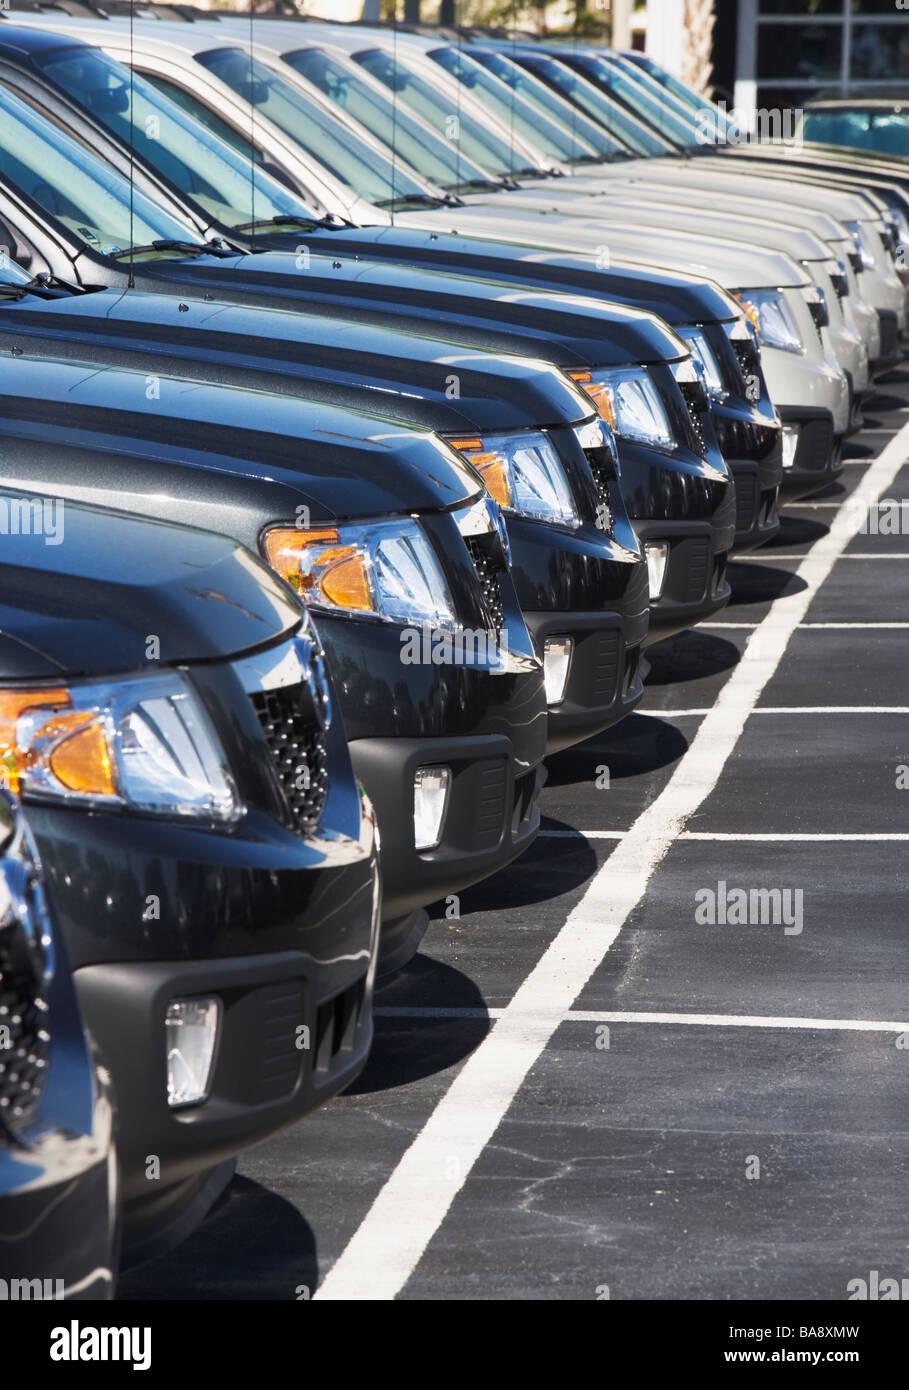 Reihe von Autos auf Parkplatz Stockbild